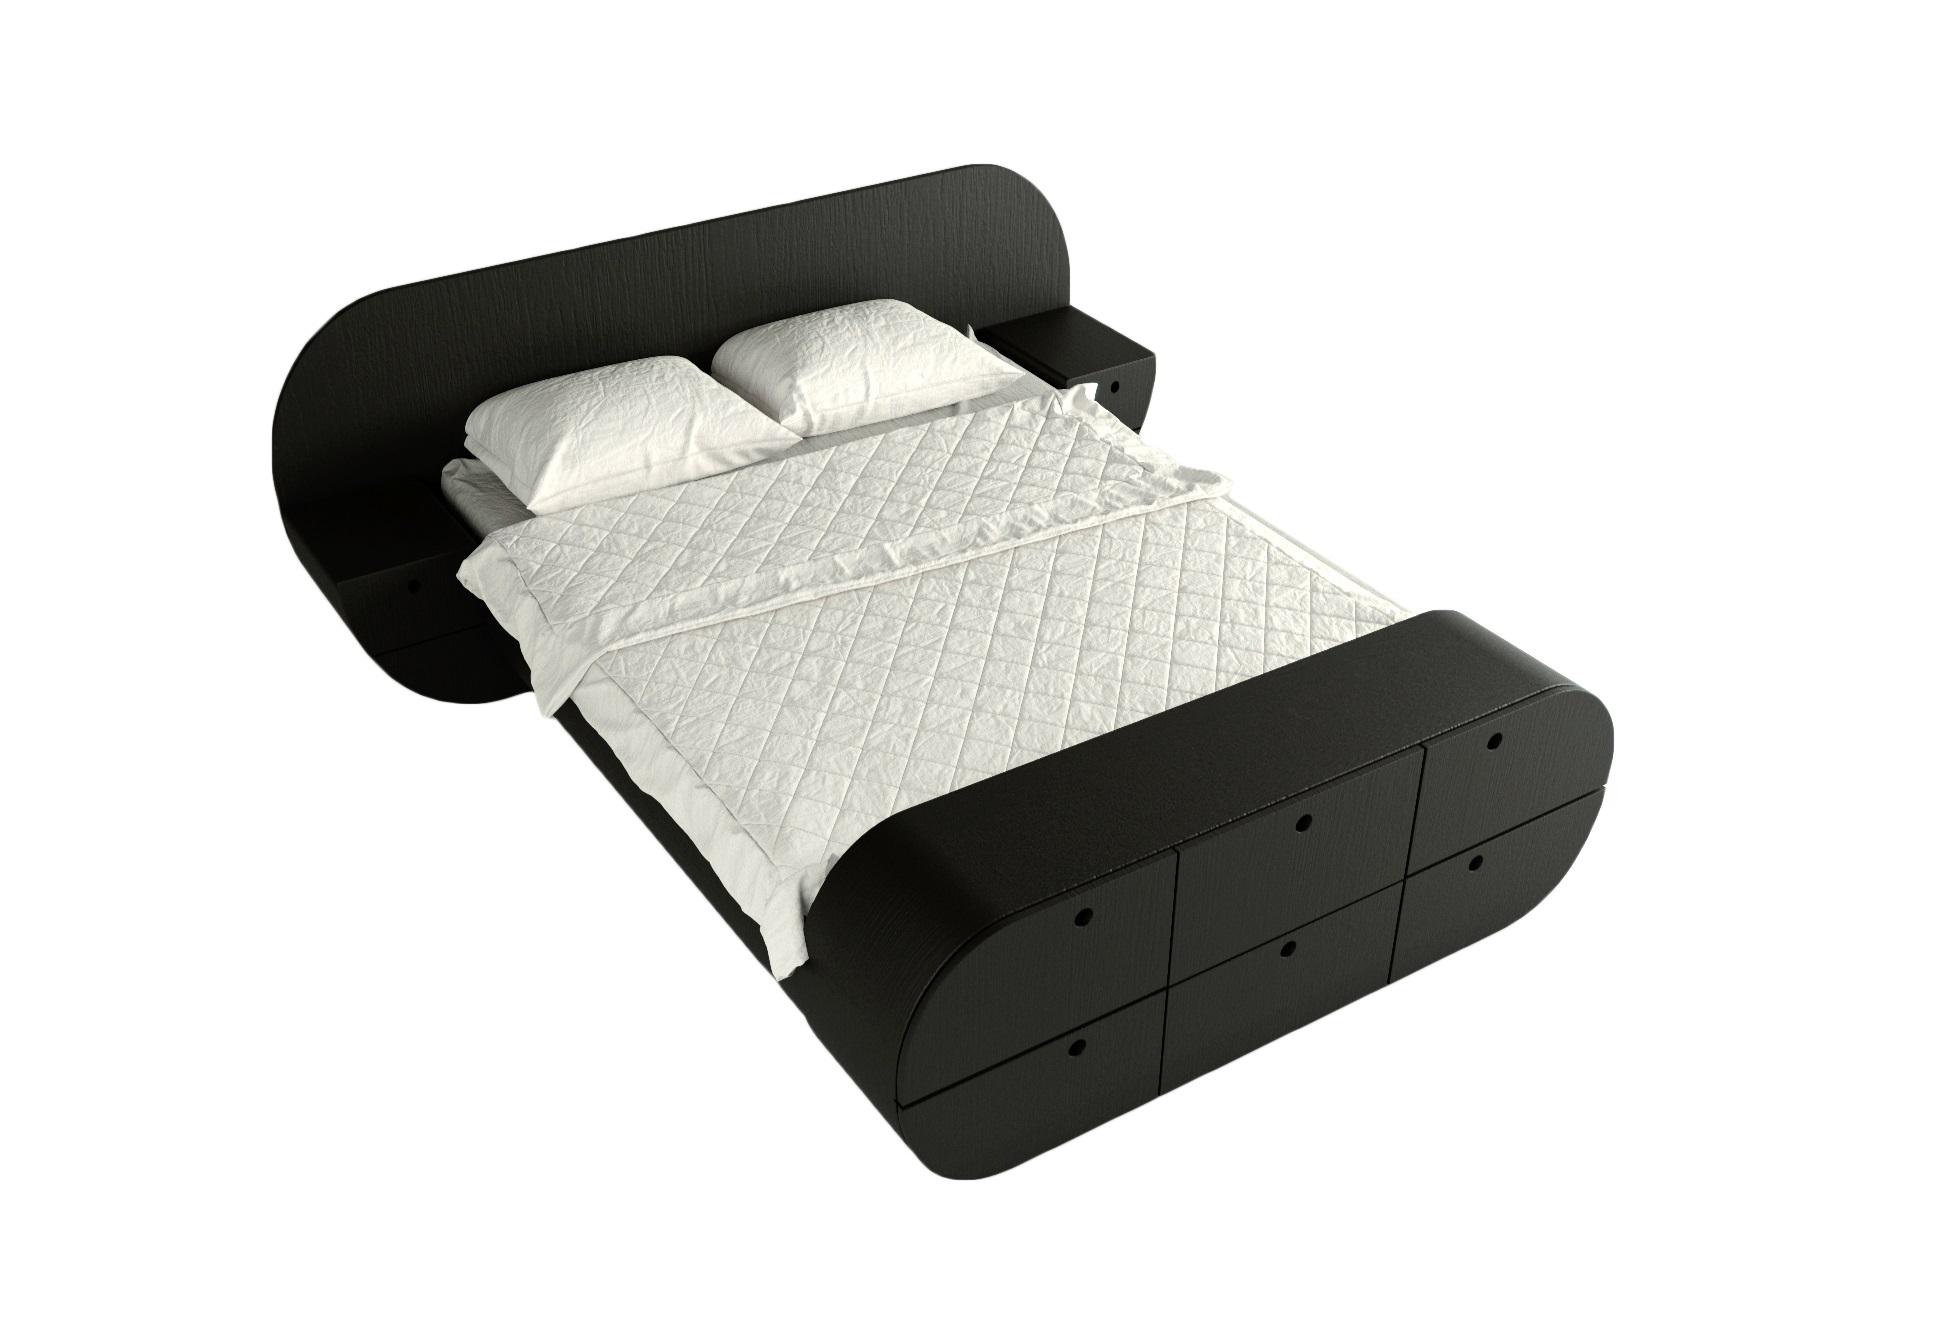 Кровать с тумбами и комодом ЦиклДеревянные кровати<br>Отличный комплект - кровать, 2 тумбы, комод!<br>Представляет собой единую констукцию, изделие покрыто натуральным шпоном, теплый и приятный материал<br>Матрас, белье и подушки в стоимость не входят.&amp;lt;div&amp;gt;&amp;lt;br&amp;gt;&amp;lt;/div&amp;gt;&amp;lt;div&amp;gt;Размер спального места: 160см на 200см&amp;amp;nbsp;&amp;lt;/div&amp;gt;&amp;lt;div&amp;gt;Материал: МДФ, шпон<br>Установка не требуется&amp;lt;/div&amp;gt;<br><br>Material: МДФ<br>Ширина см: 218.0<br>Высота см: 87.0<br>Глубина см: 267.0